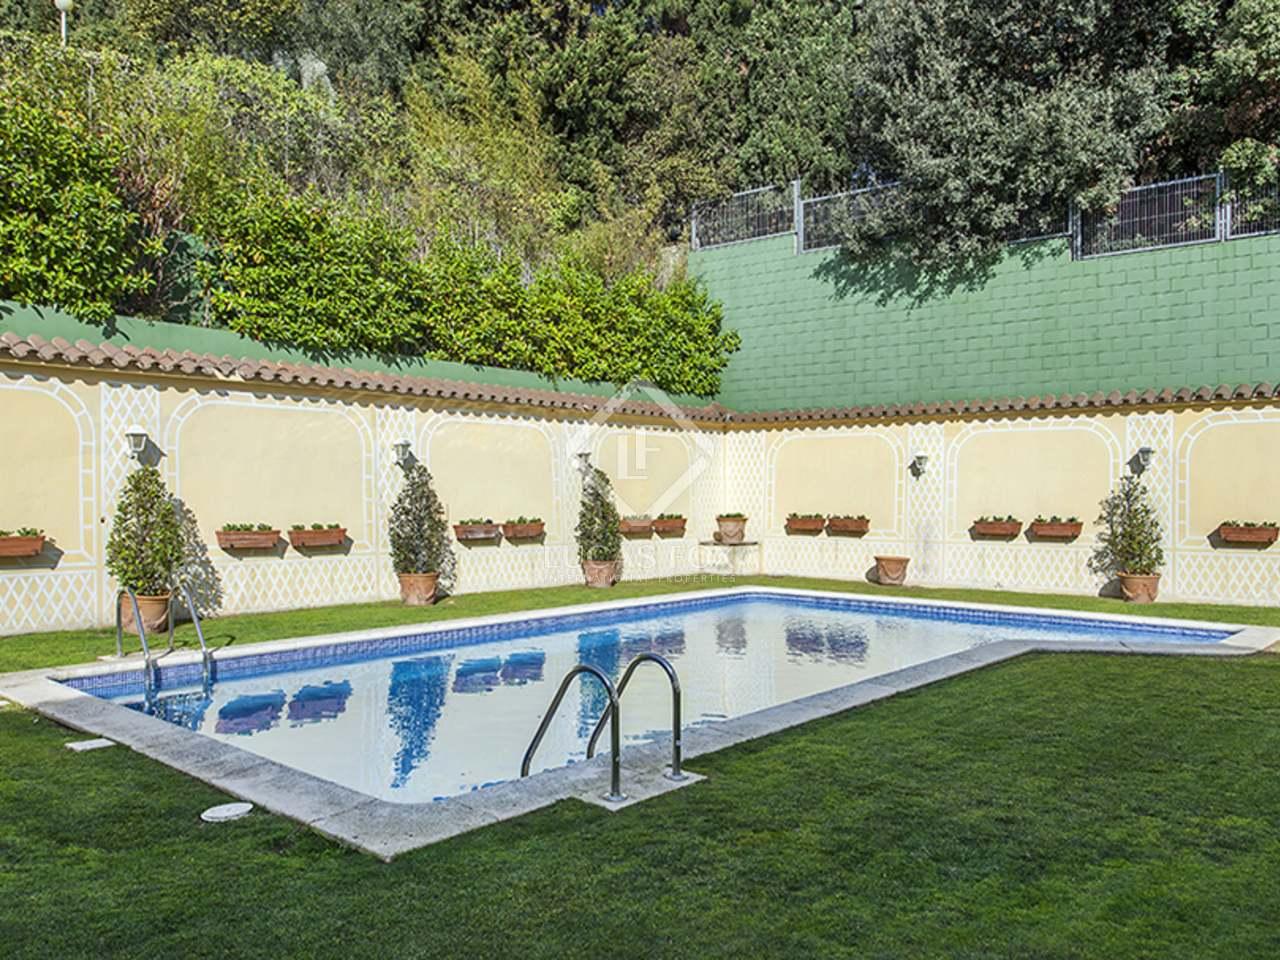 Maison villa de 520m a vendre pedralbes barcelone - Location maison piscine barcelone ...